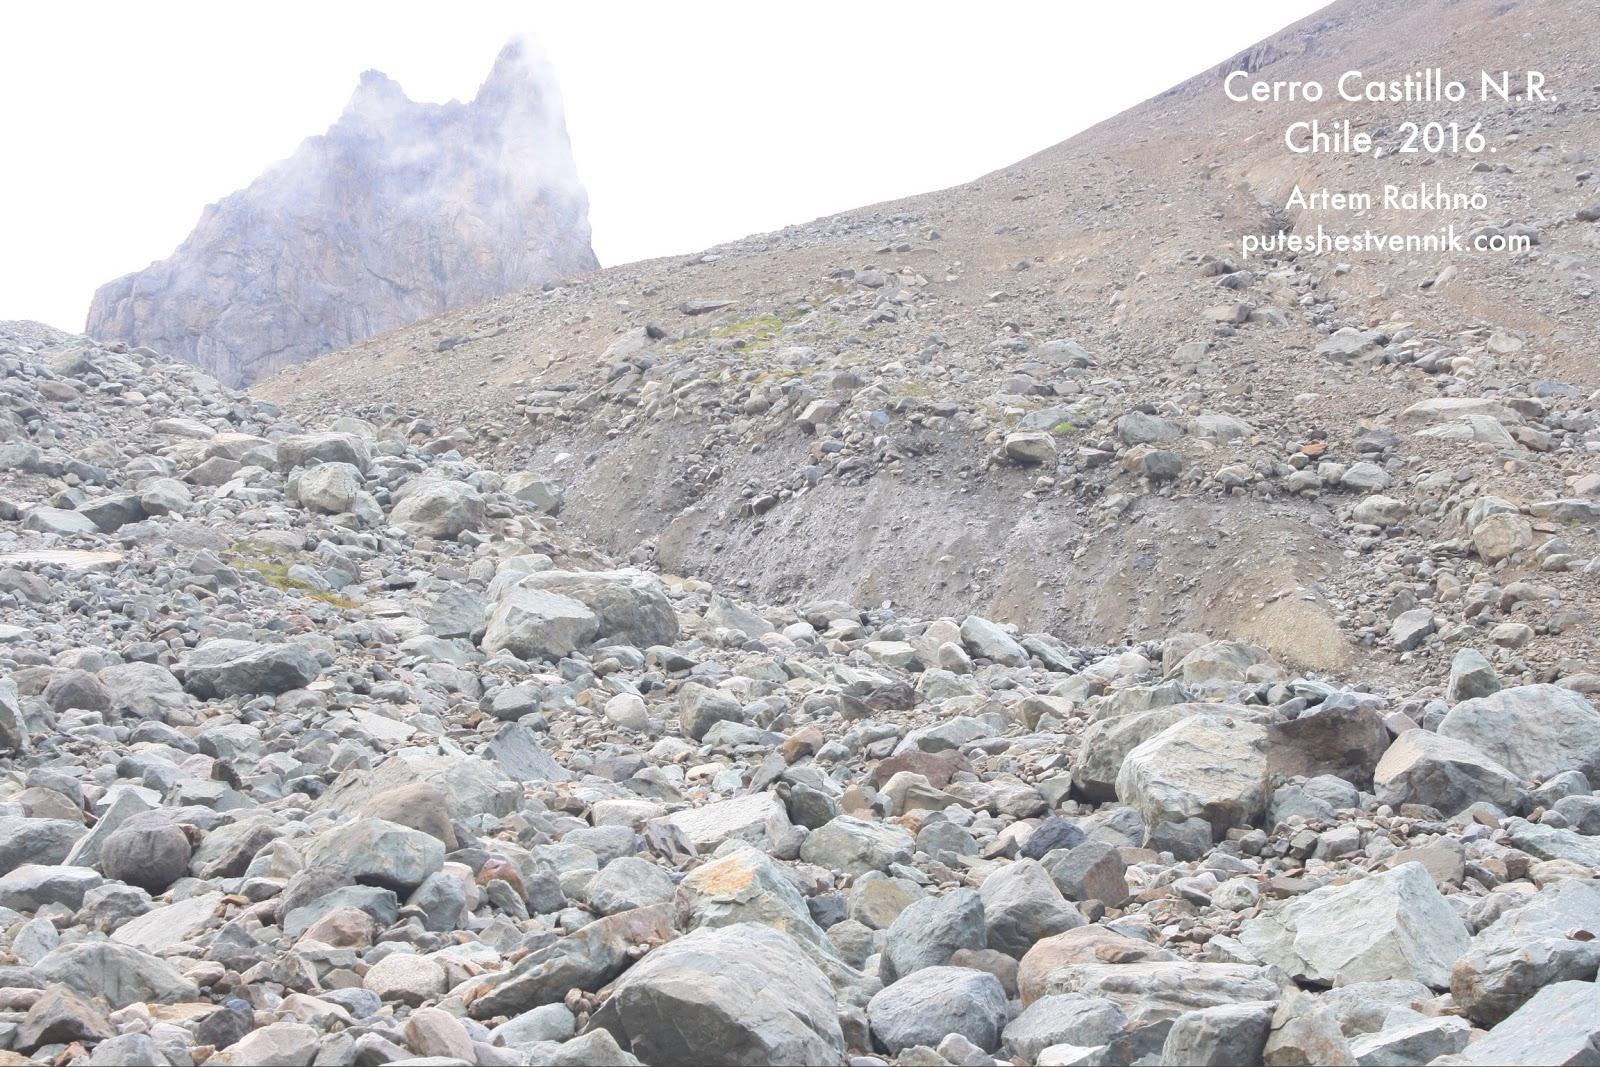 Осыпь с крупными камнями